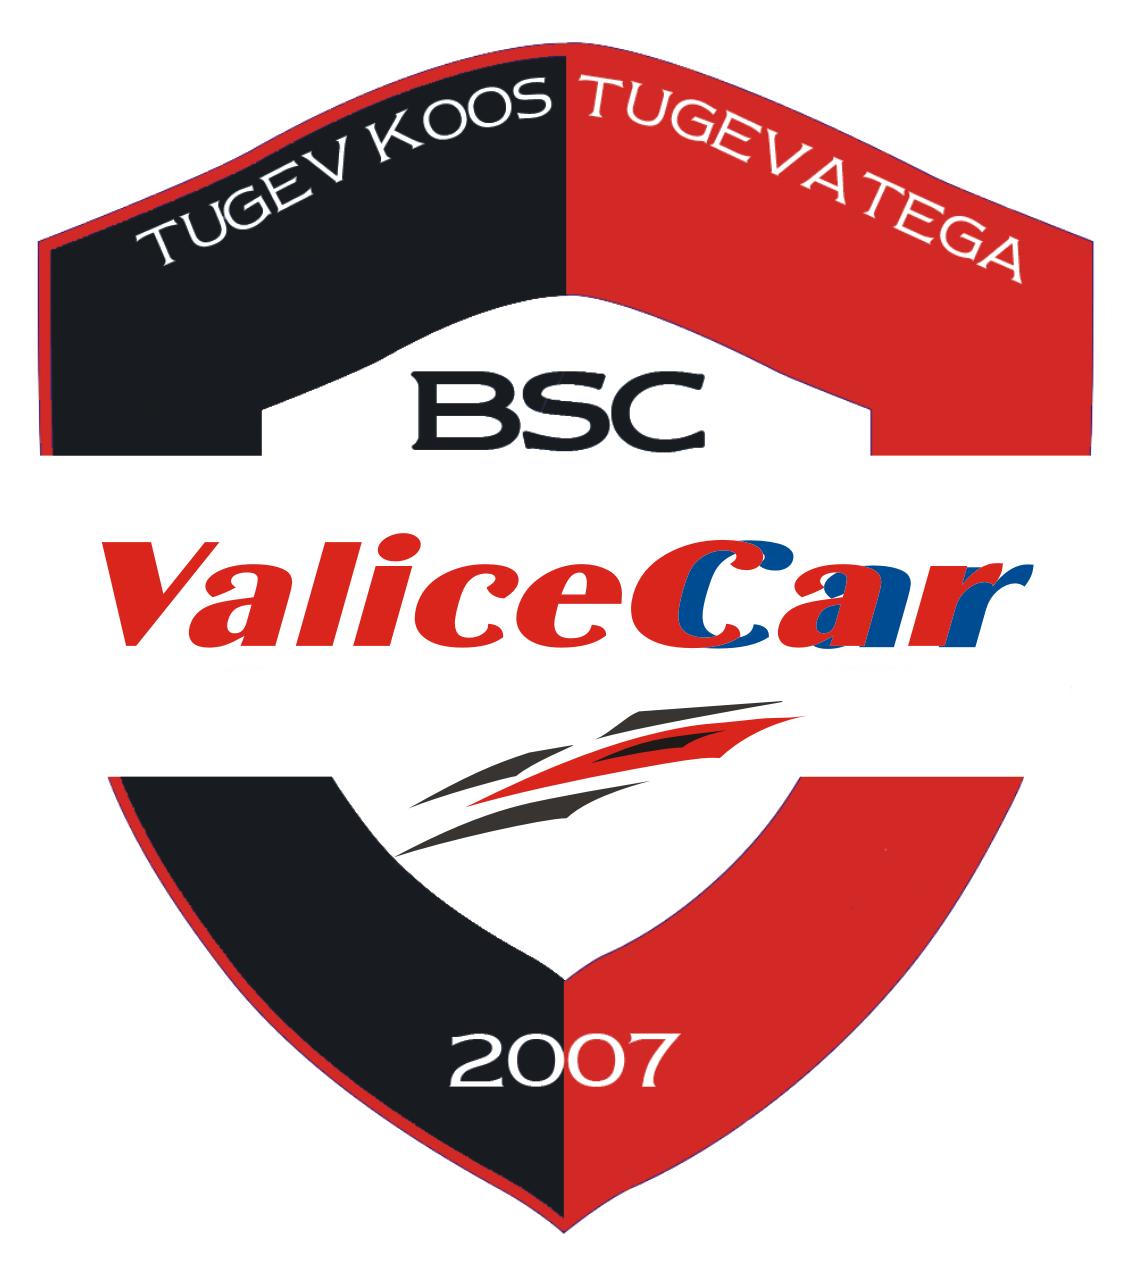 R. FC ValiceCar